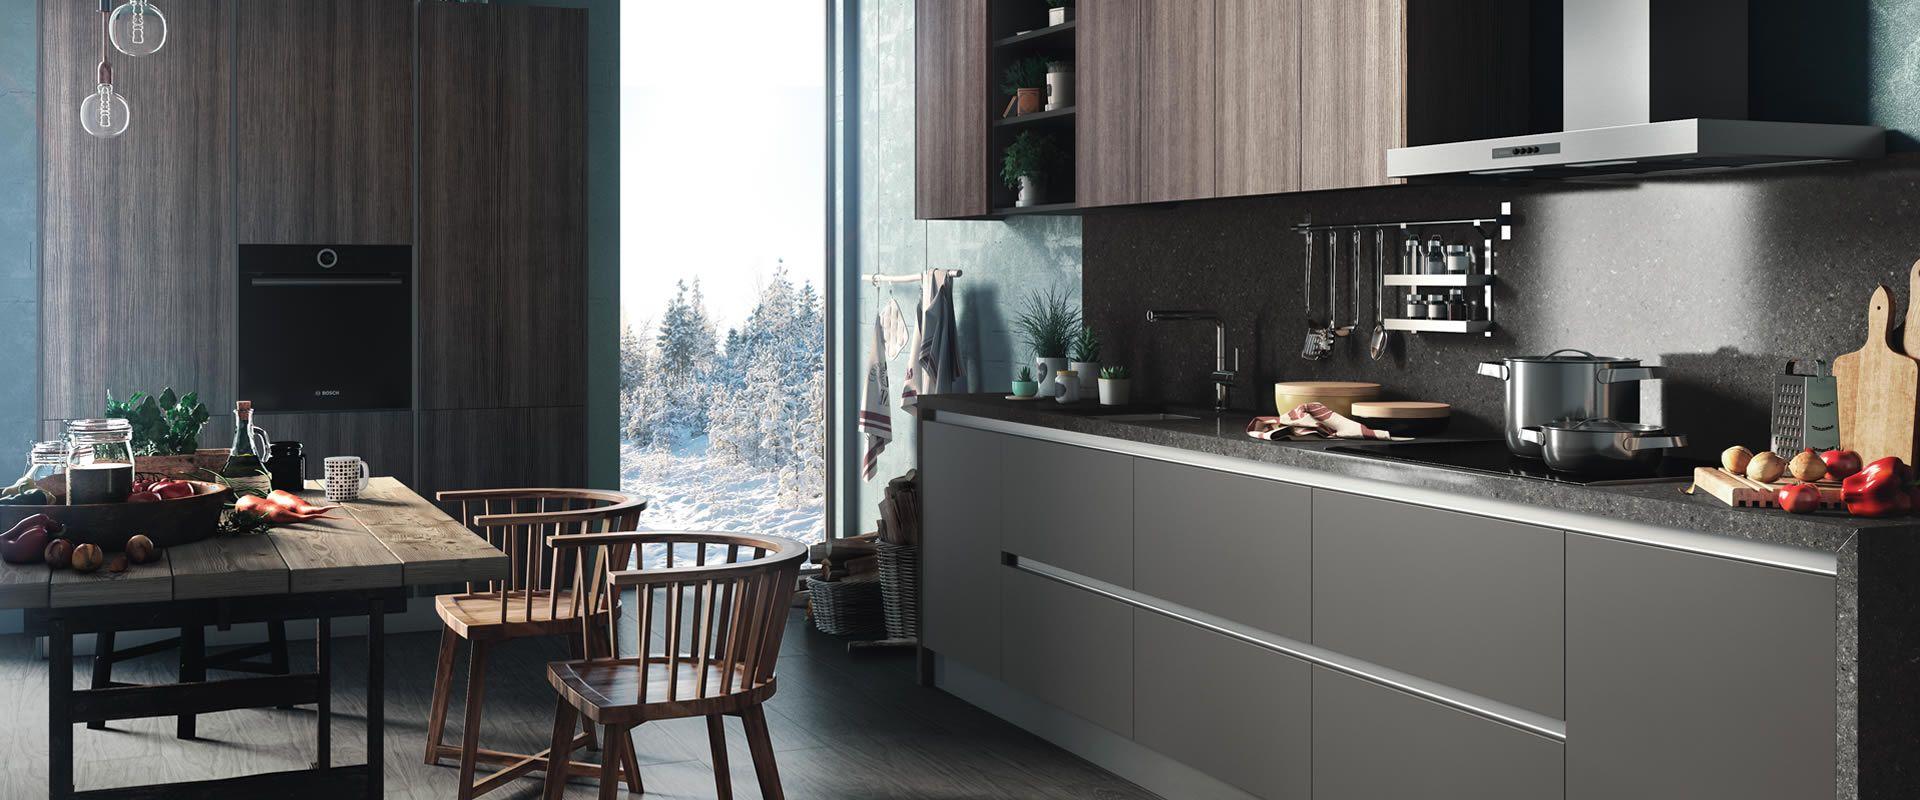 Fabricación de muebles de cocina en Madrid